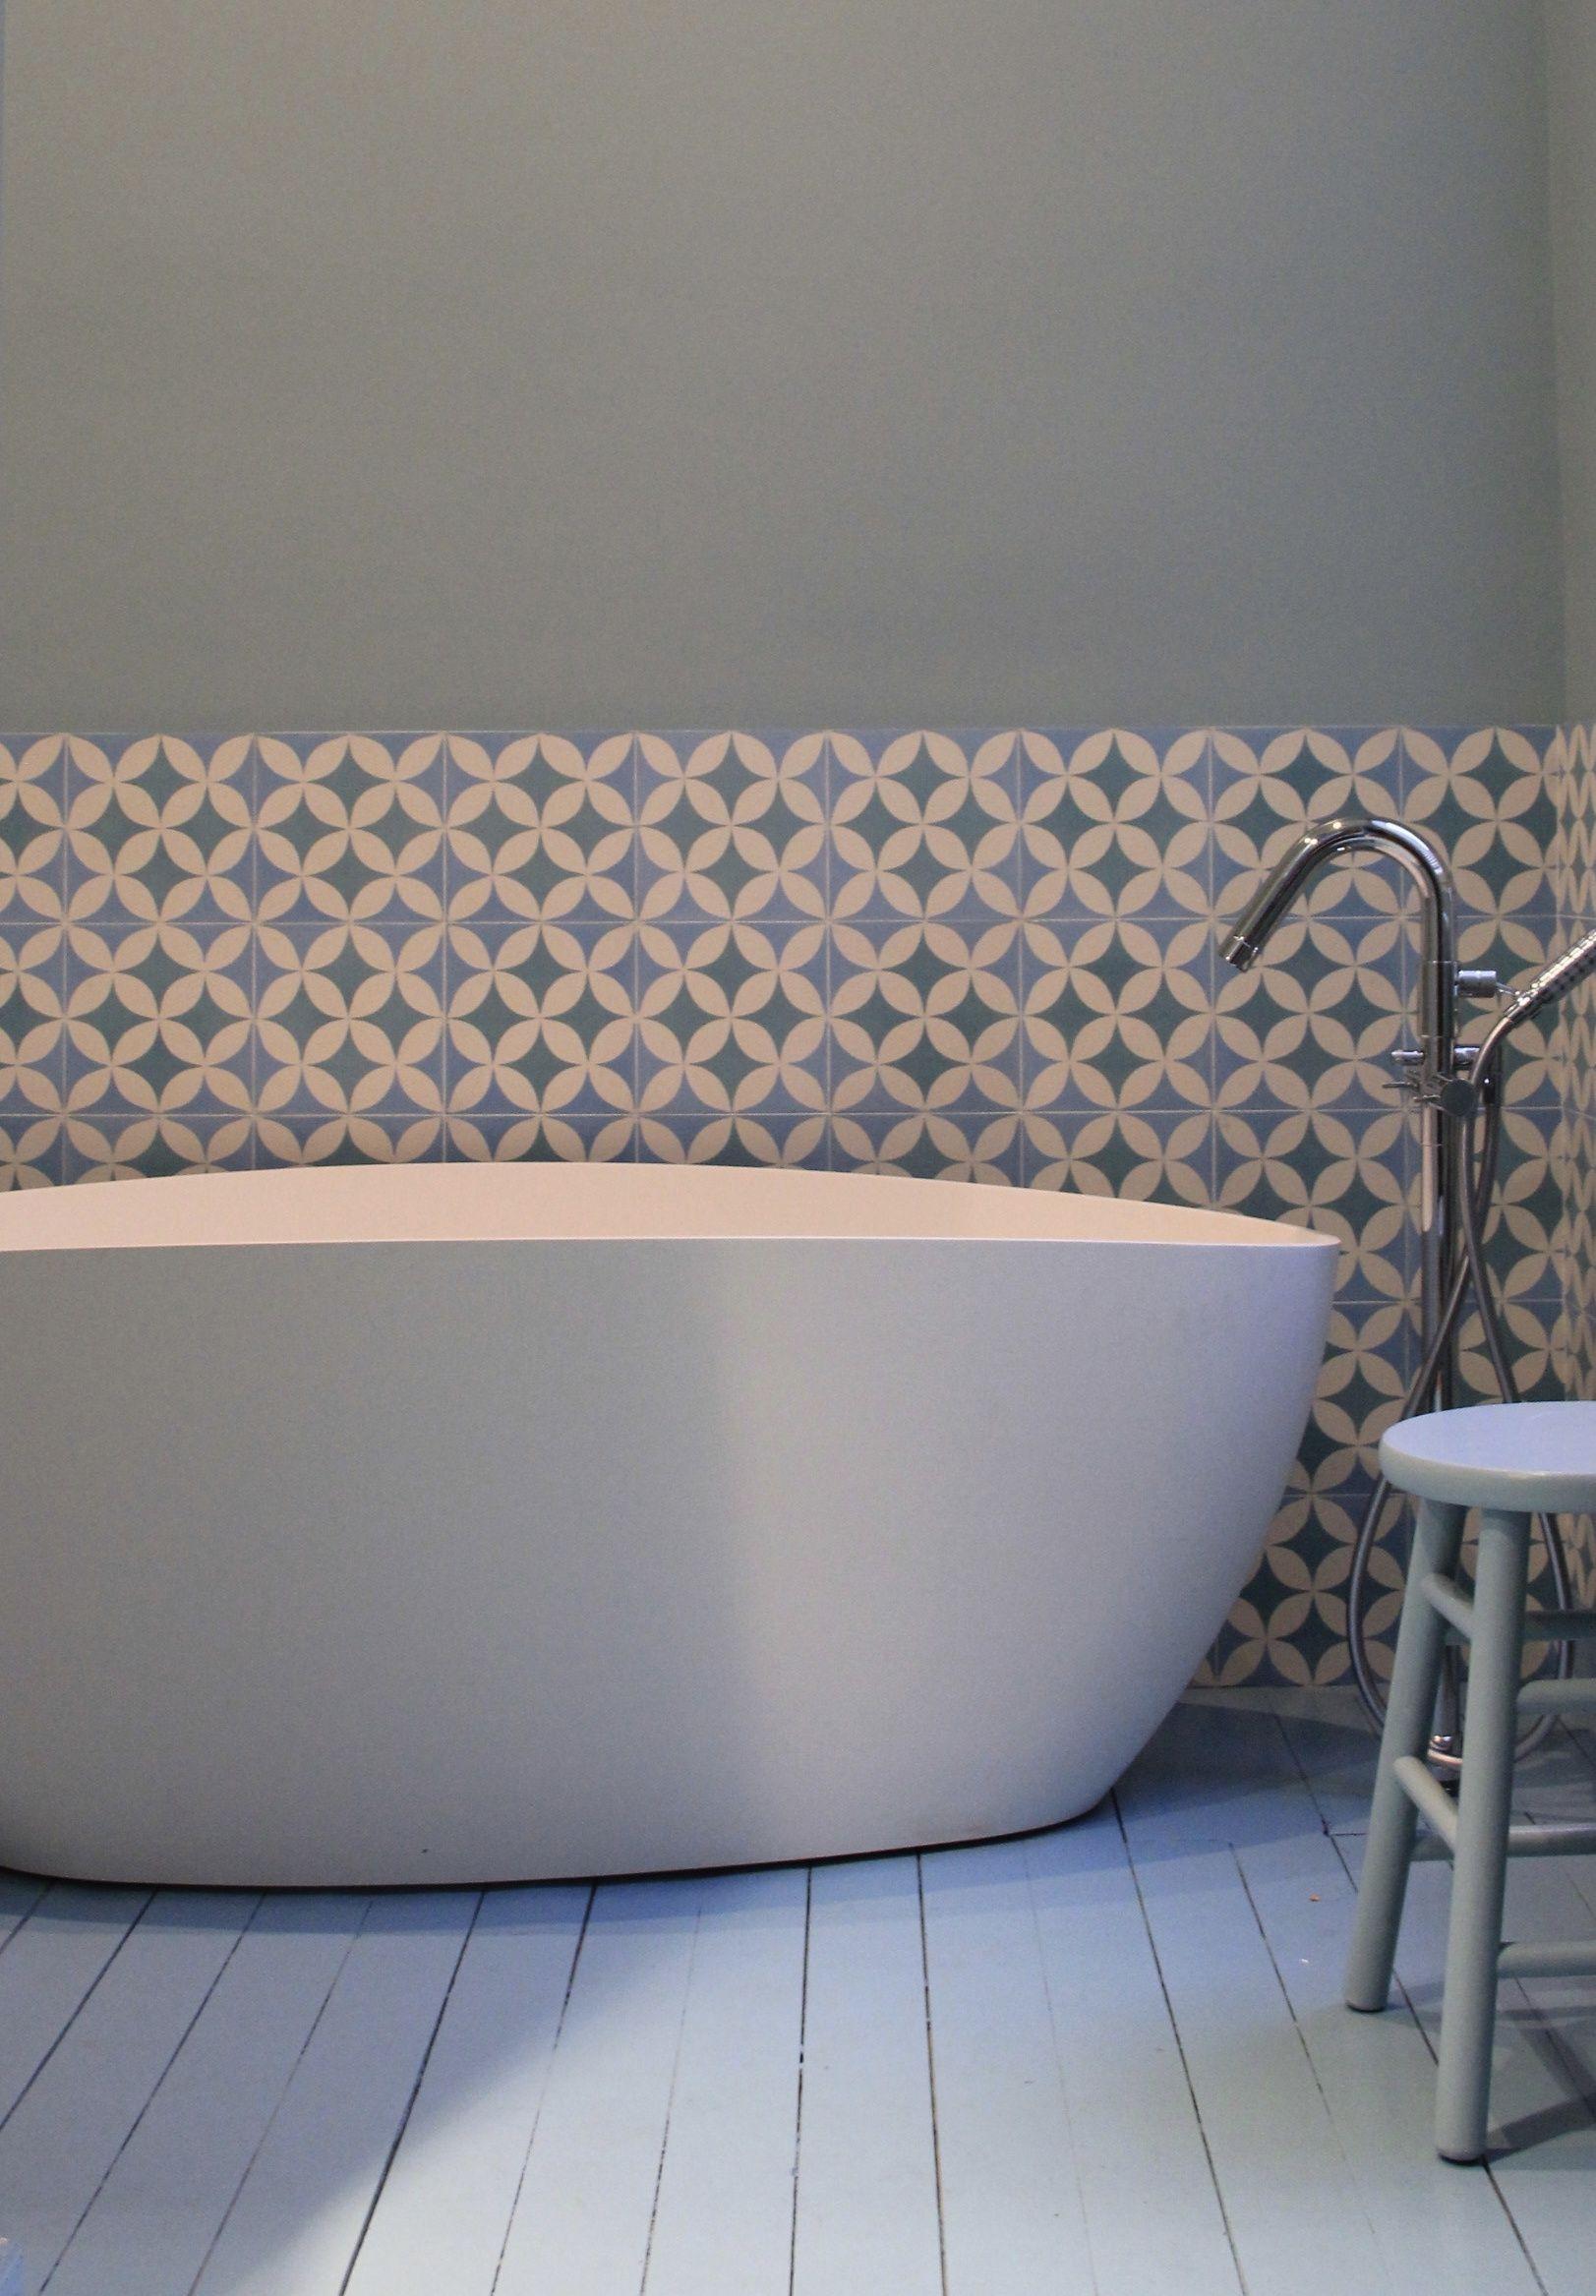 Epaisseur Carreau De Ciment salle de bain parquet blanc carreaux ciment murs. d'autres